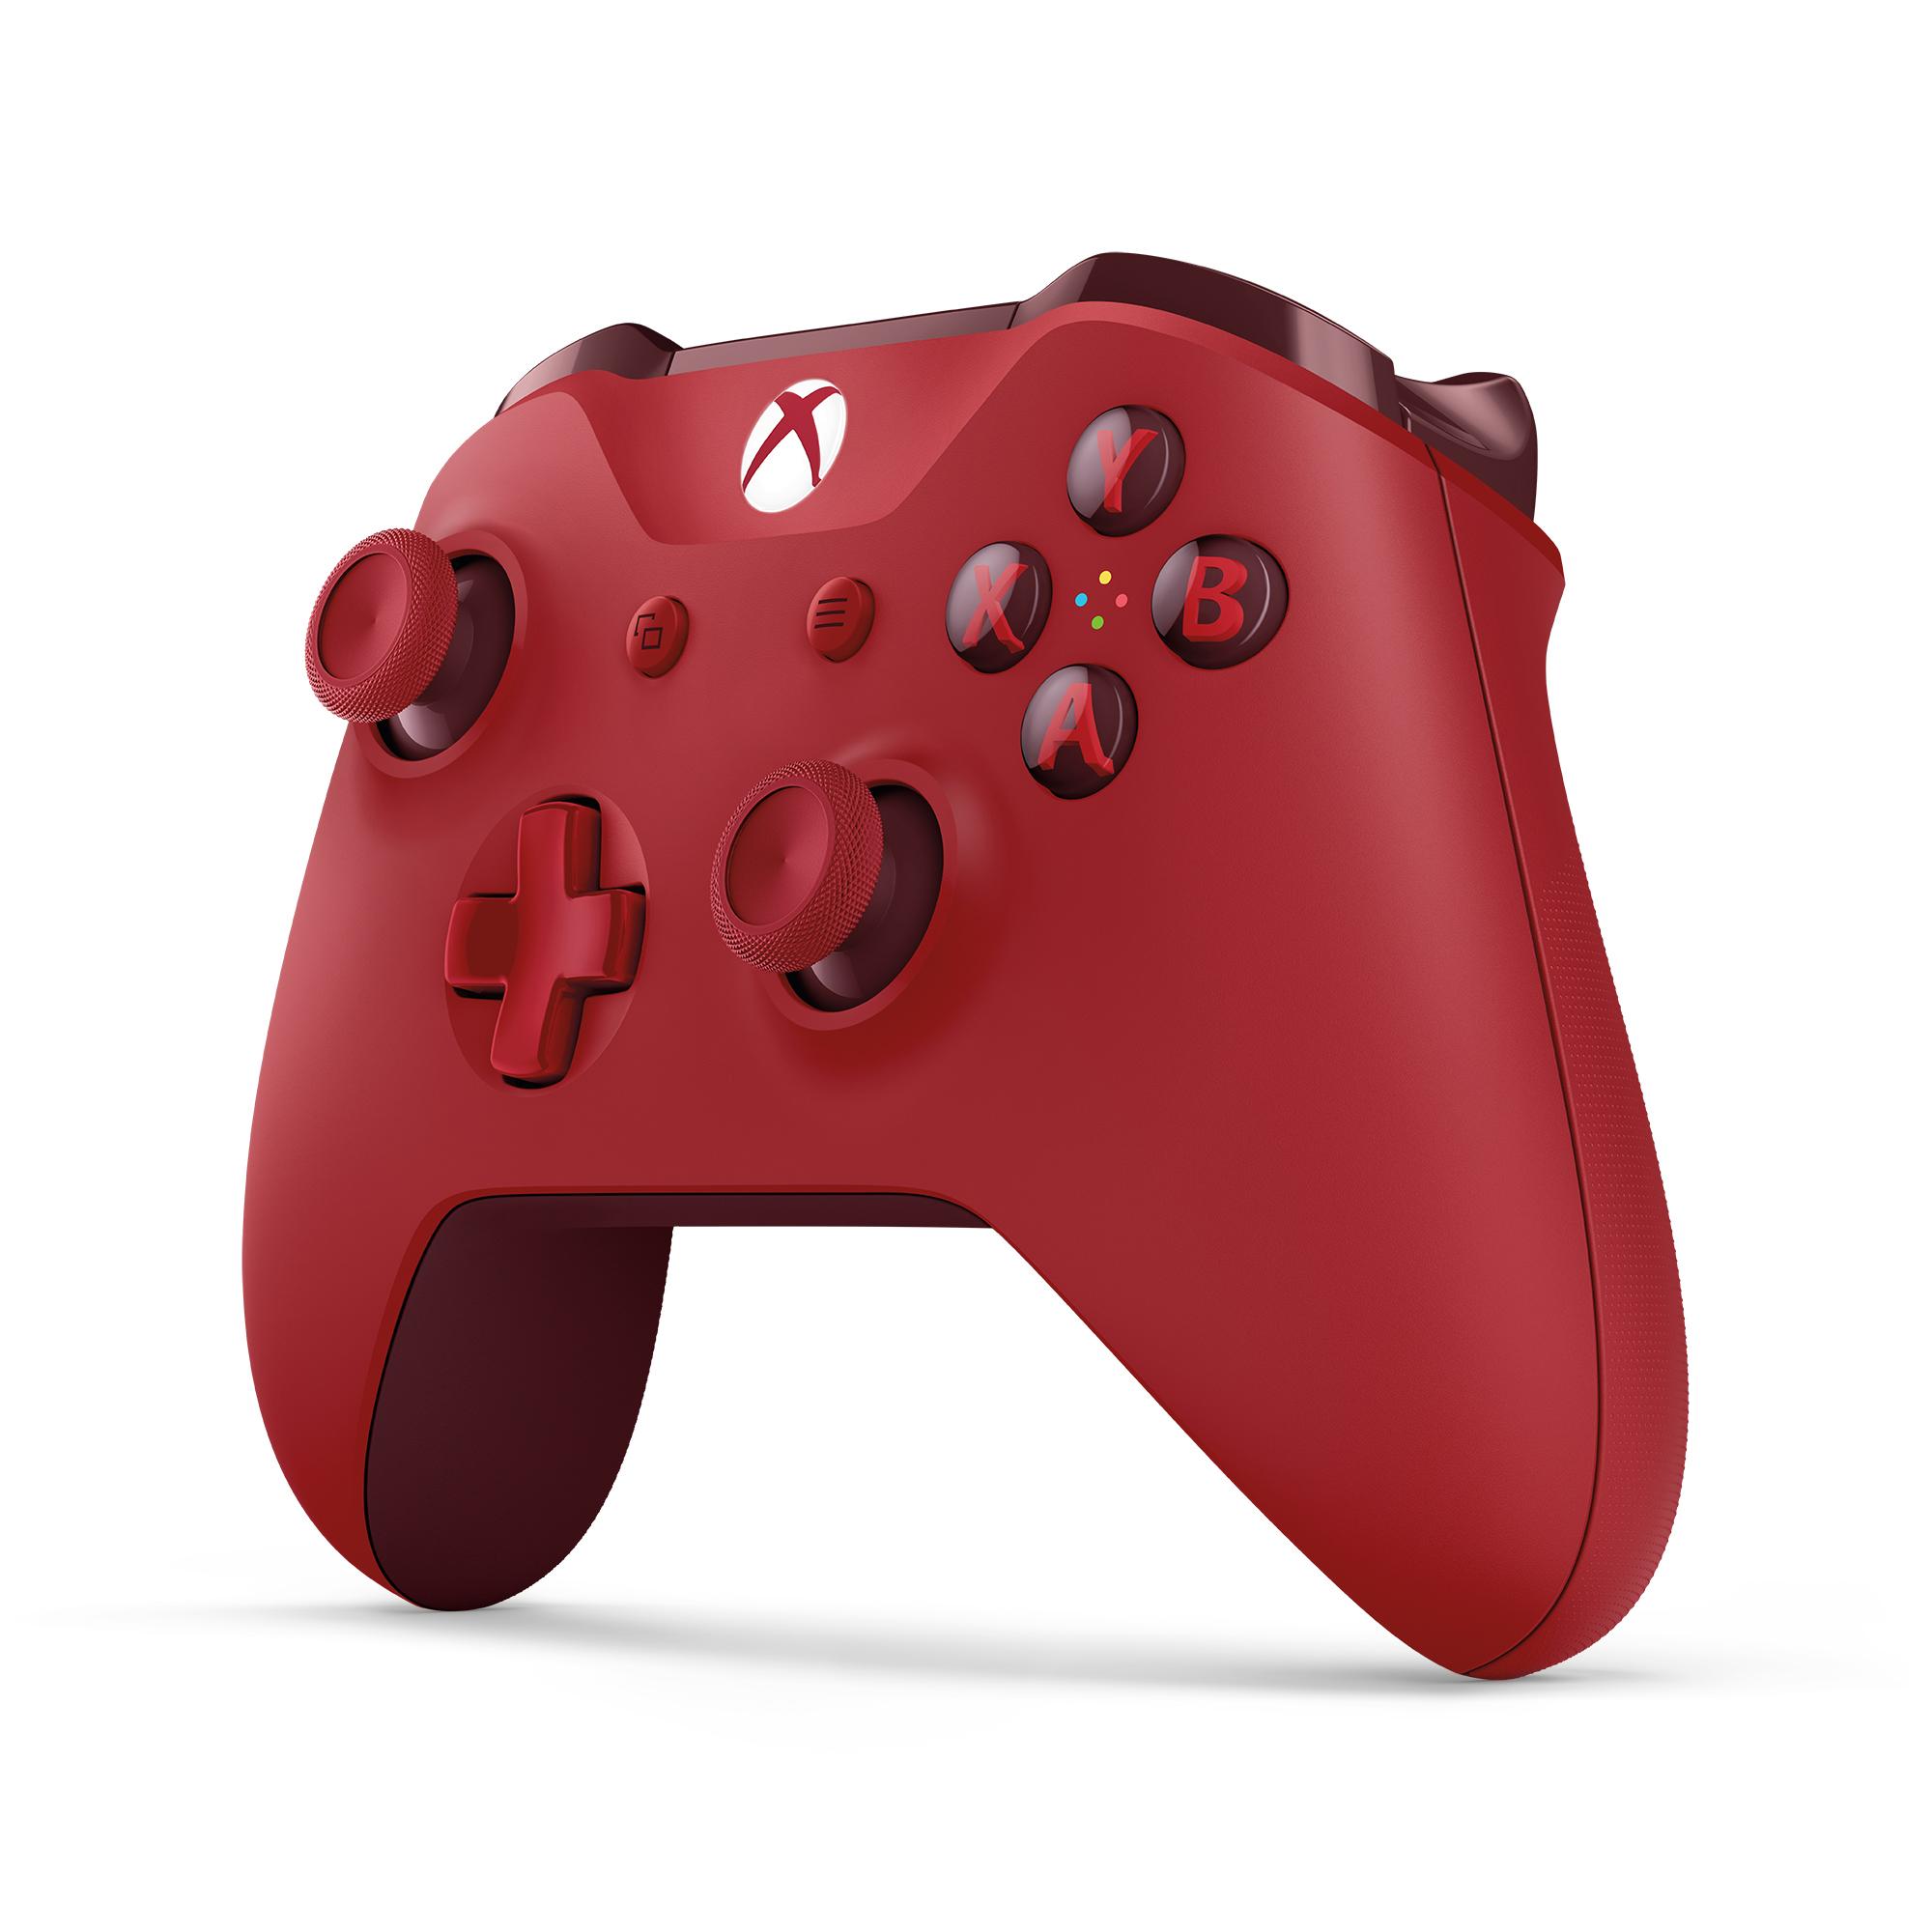 XBOX ONE - Bezdrátový ovladač Xbox One S červený [Eddy]